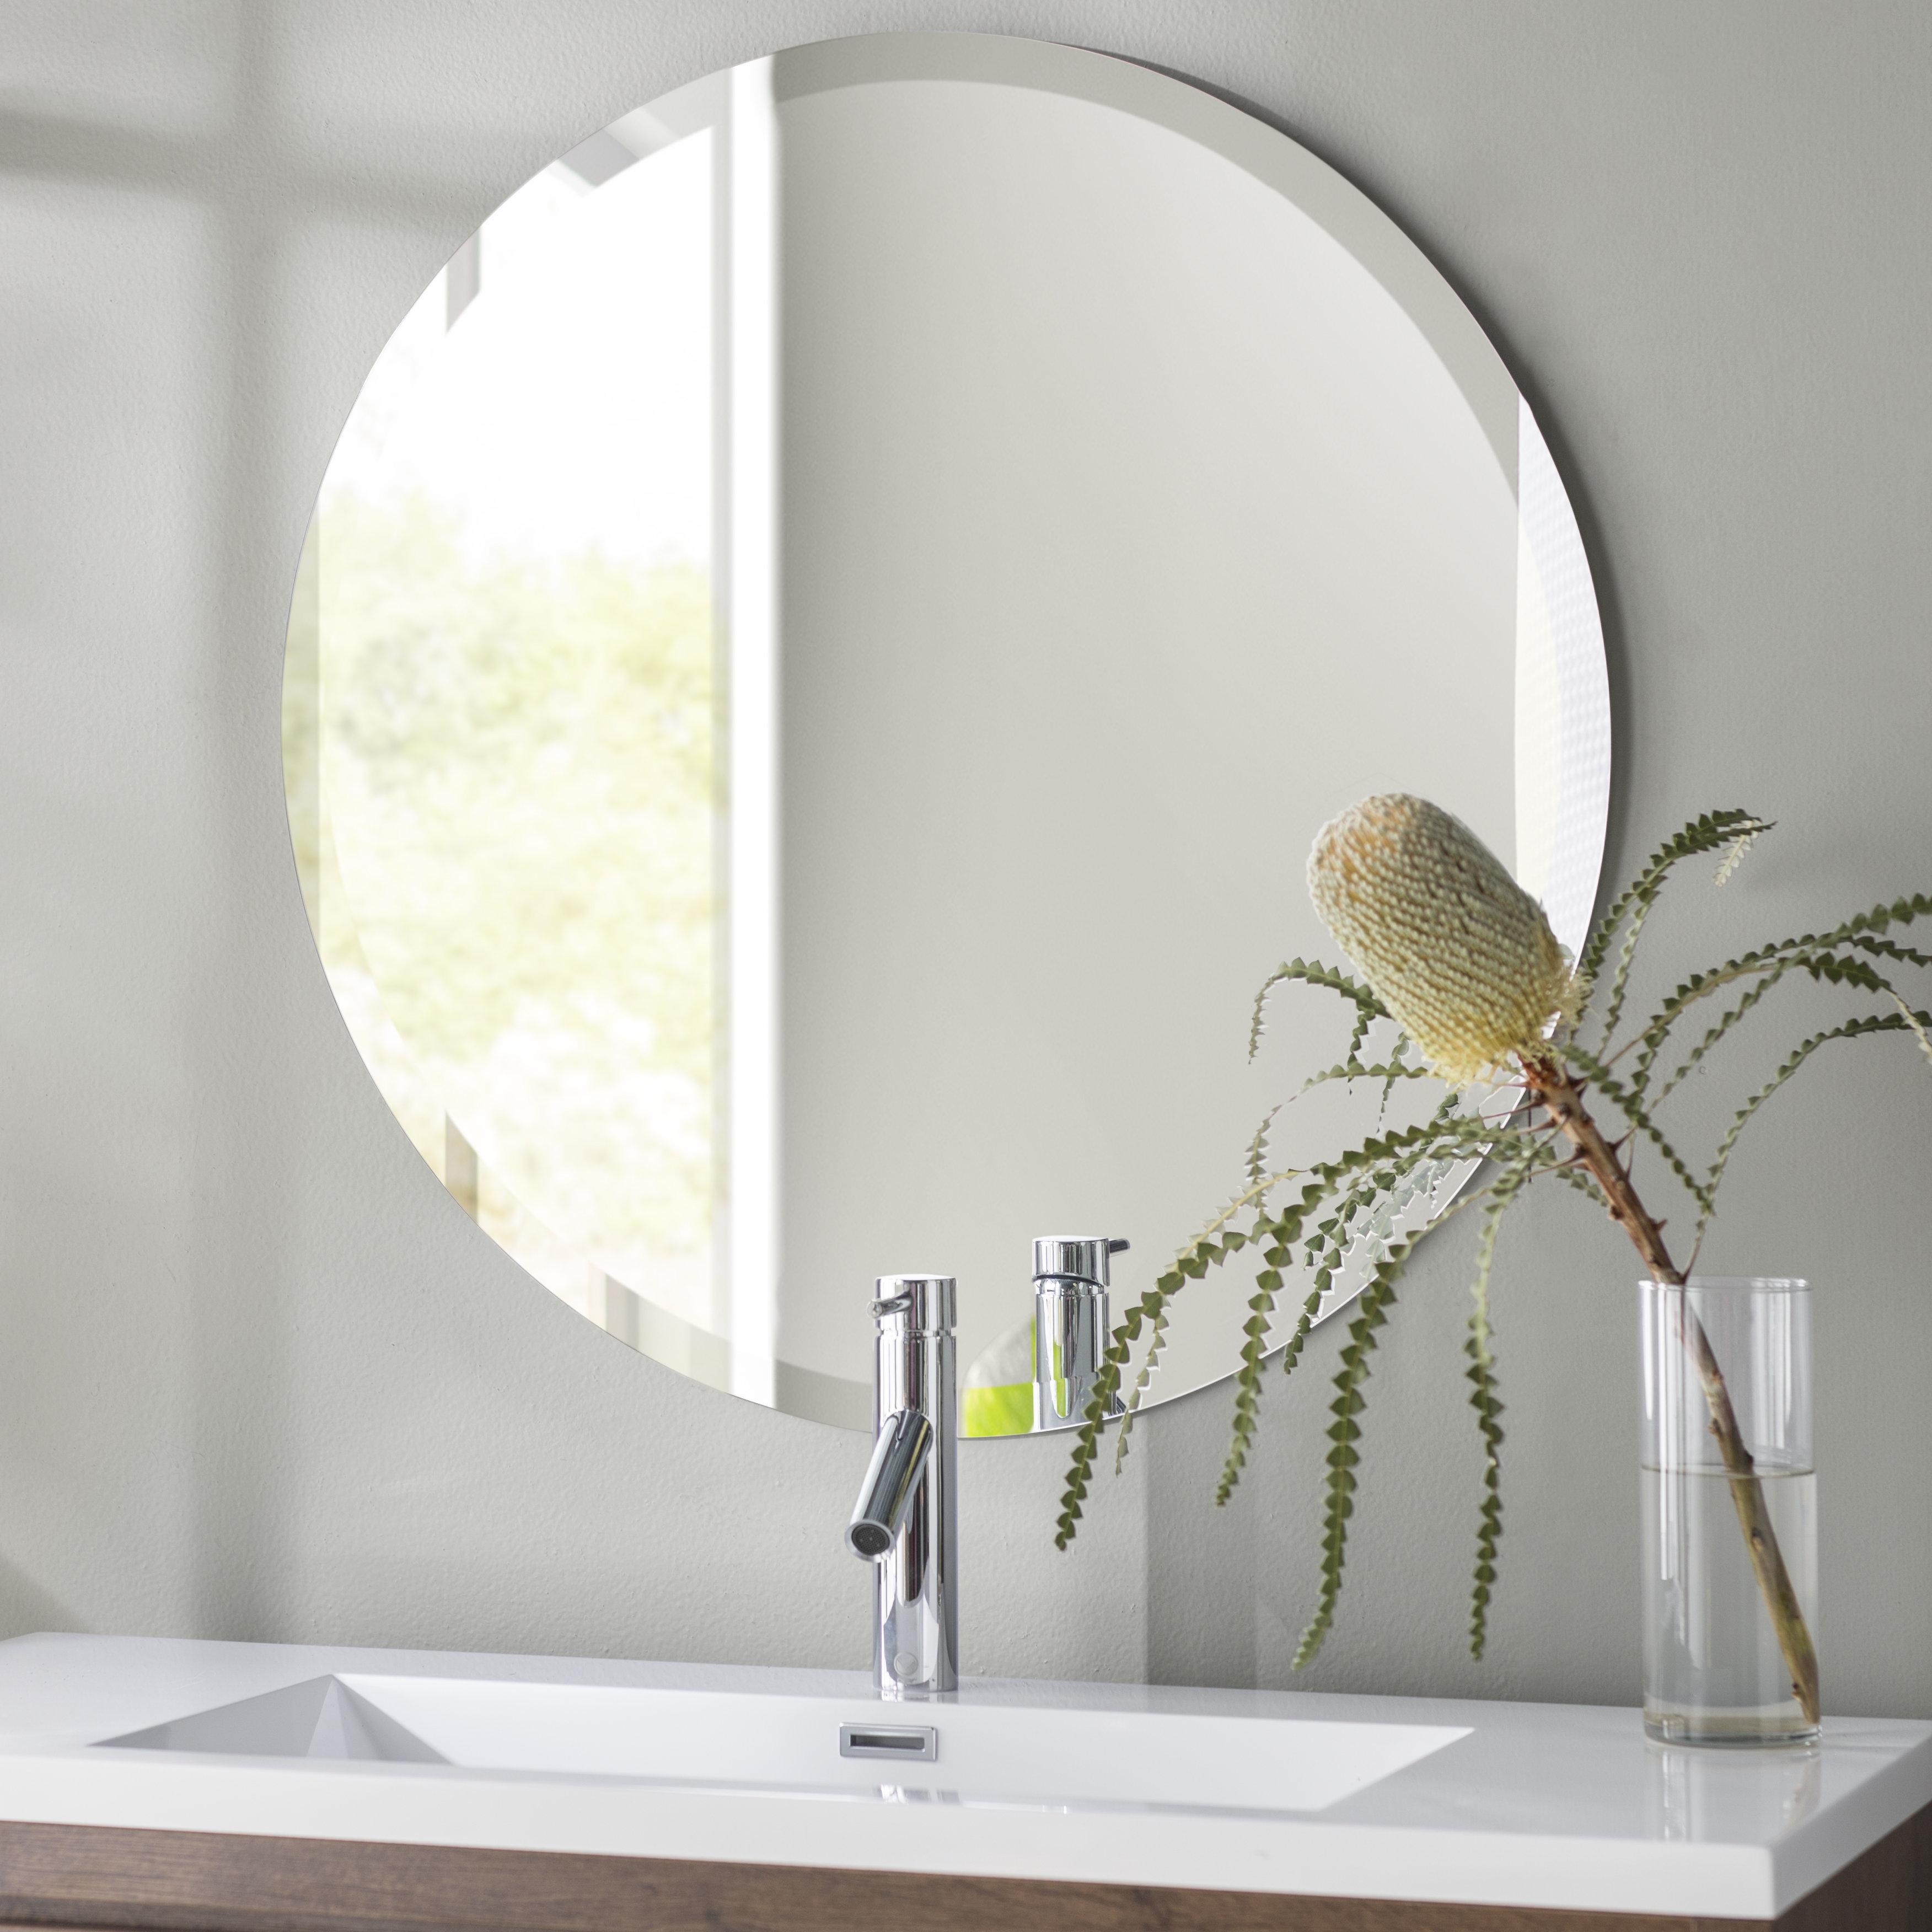 Celeste Frameless Round Wall Mirrors In Best And Newest Valdosta Frameless Round Wall Mirror (View 3 of 20)